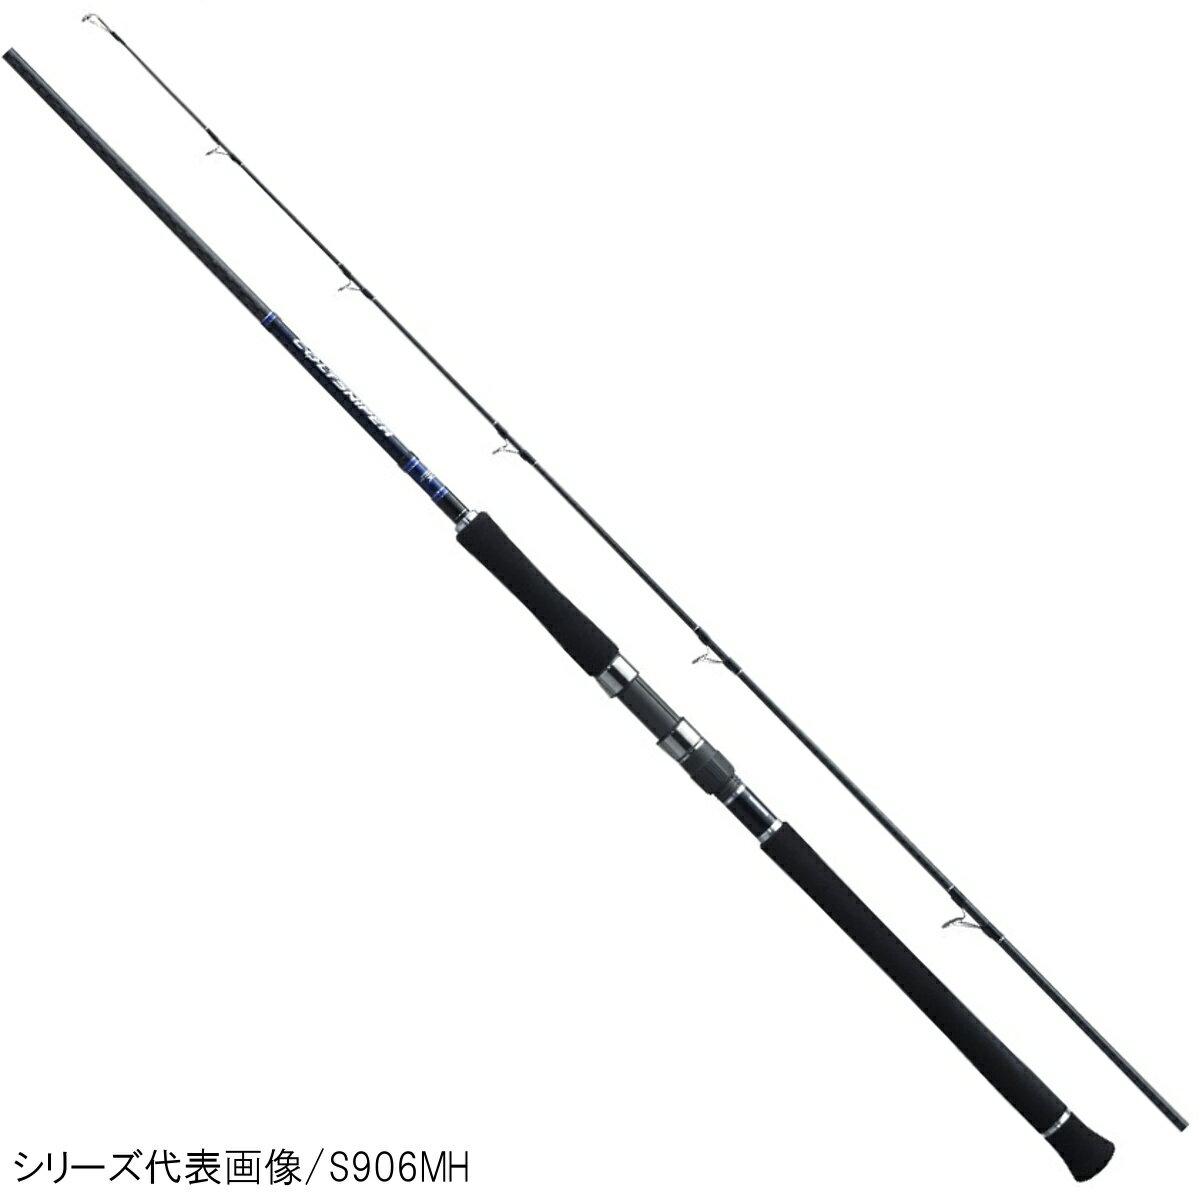 シマノ コルトスナイパー S1006H【大型商品】【送料無料】